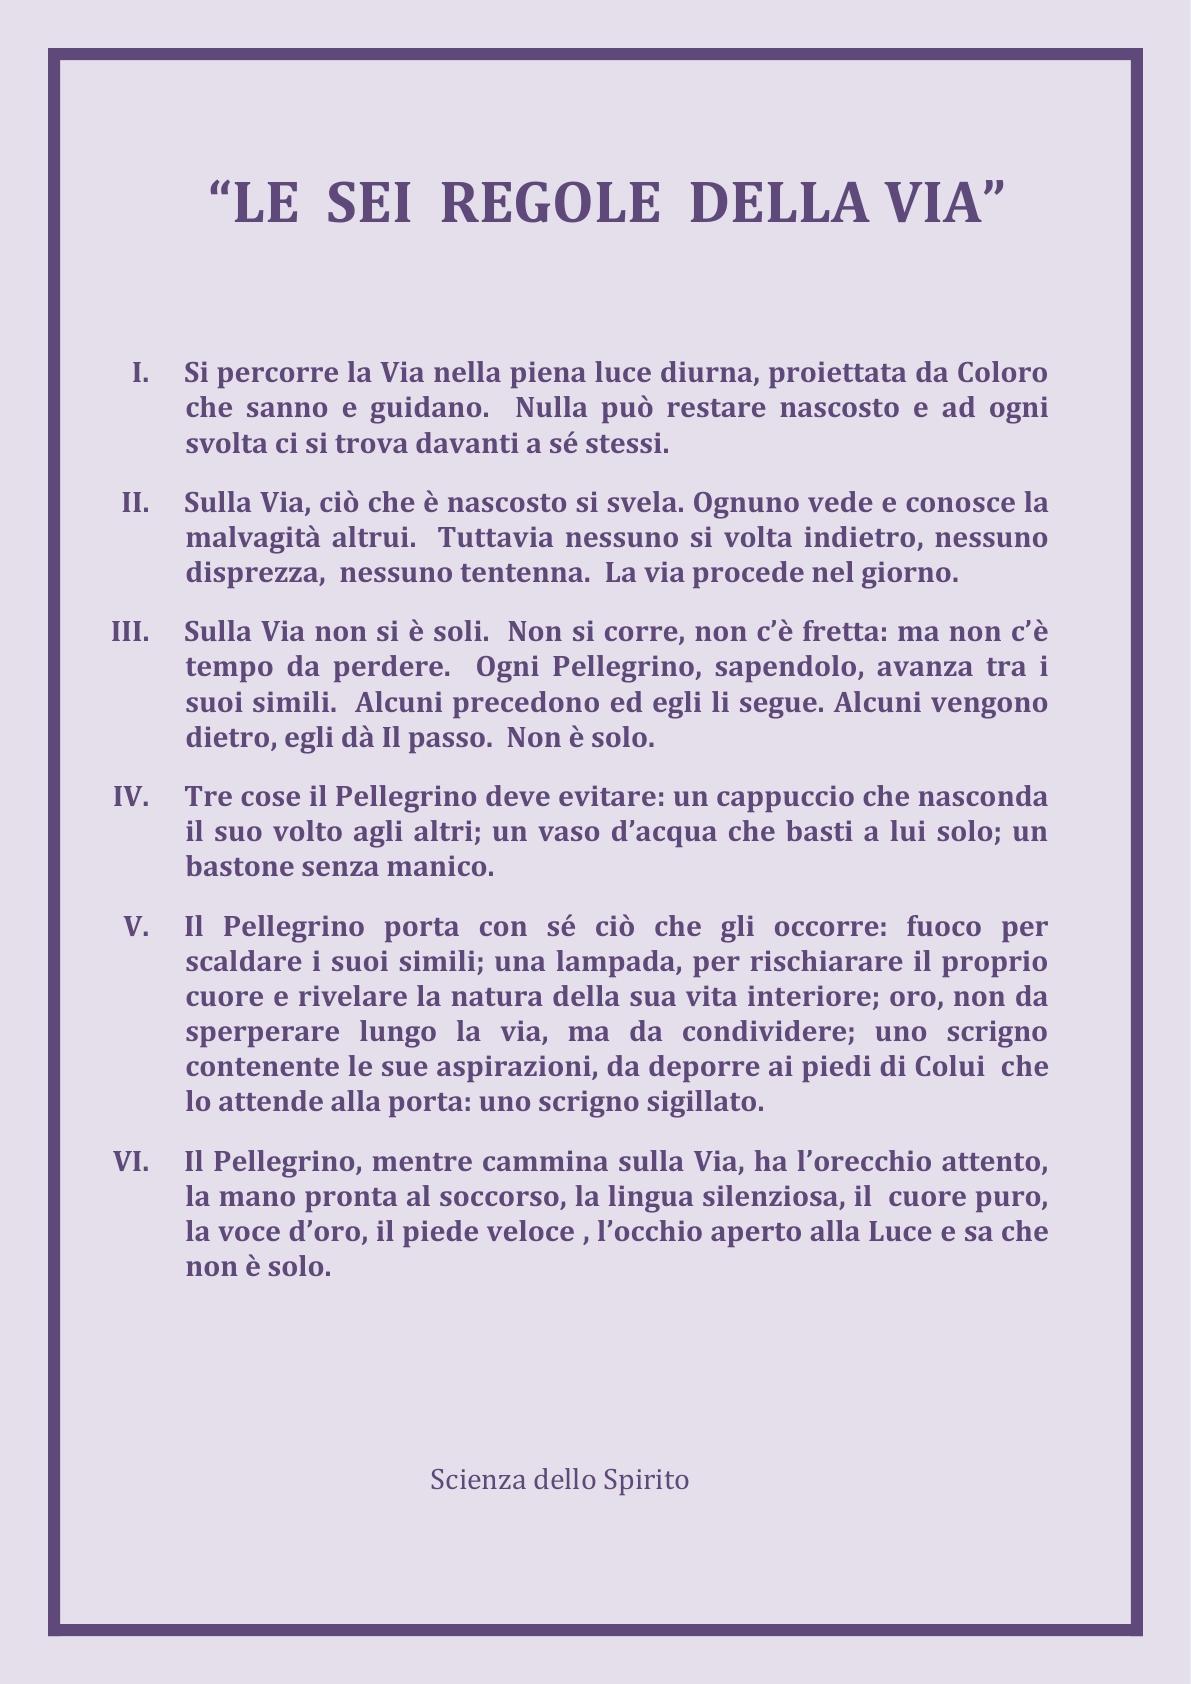 ALI   Le 6 Regole della VIA  x sito web